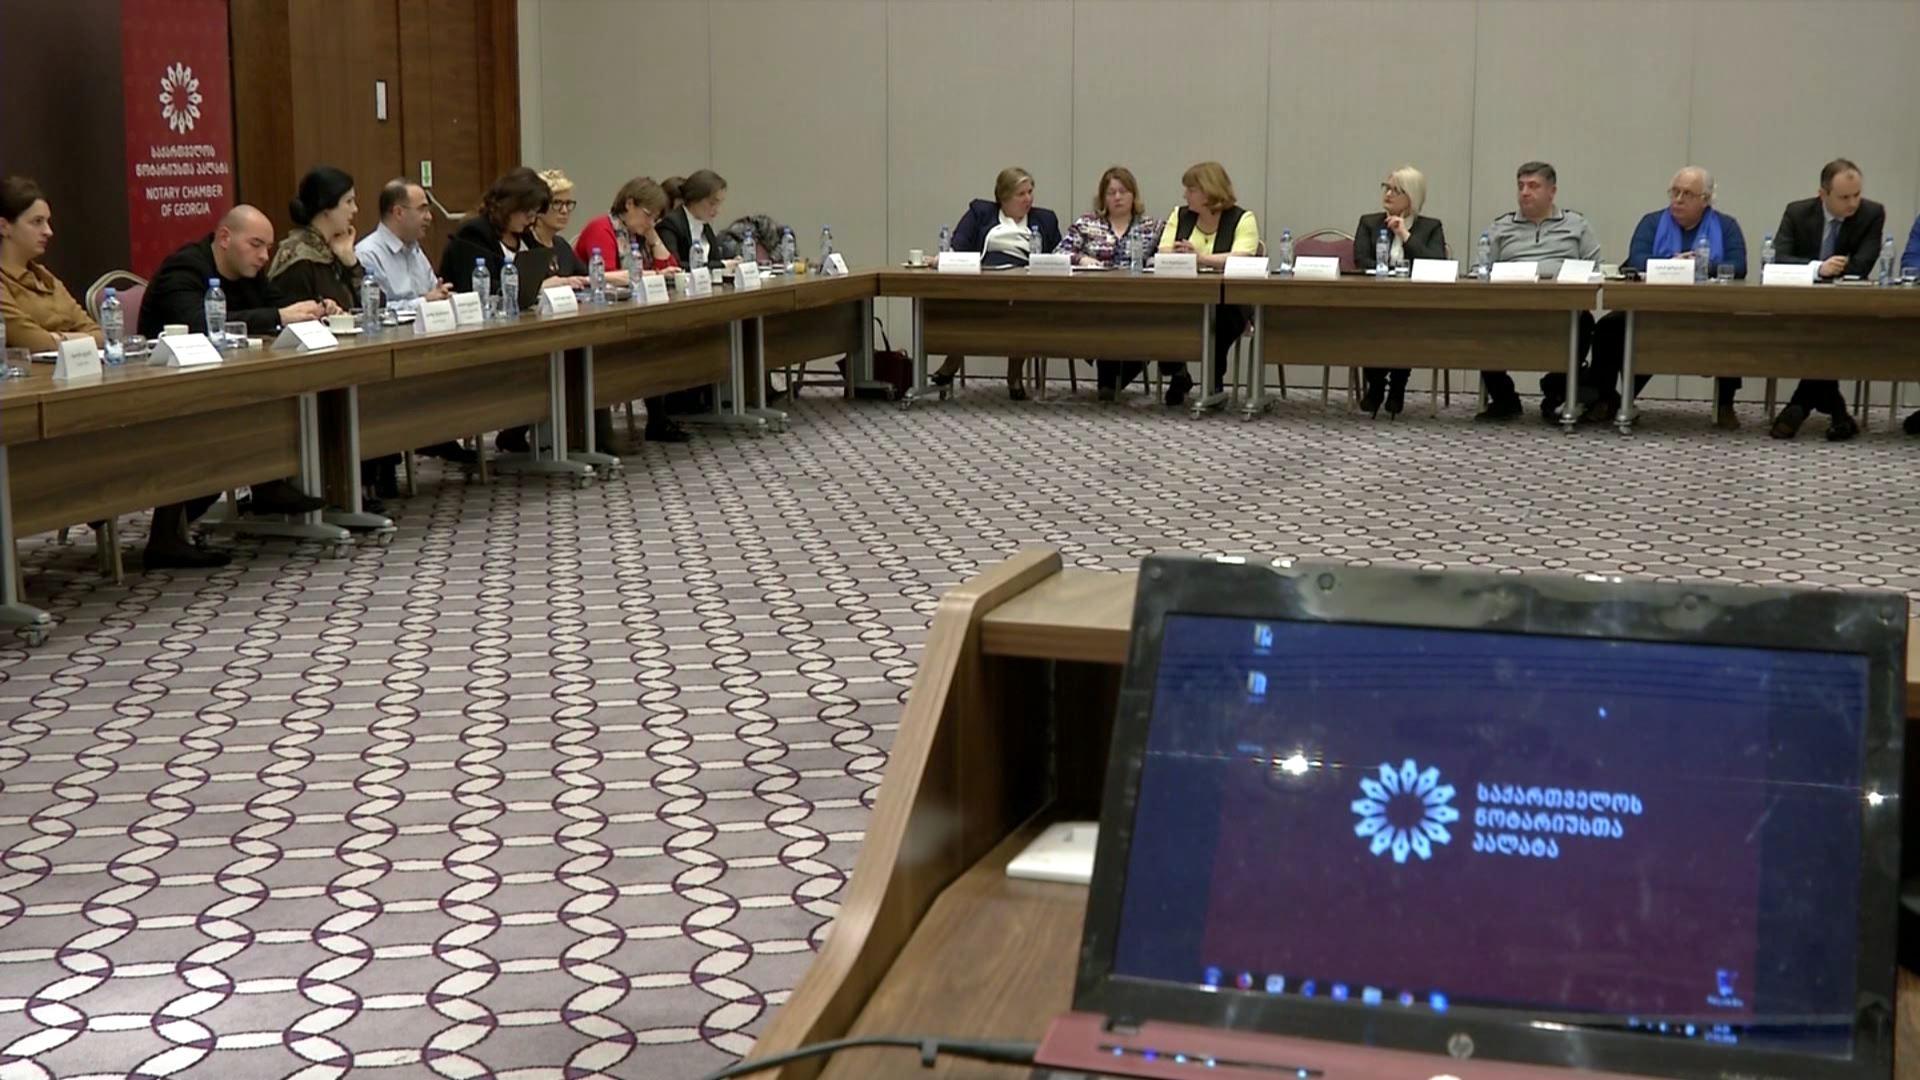 კონფერენცია სამეწარმეო  სამართლის   საკითხებზე